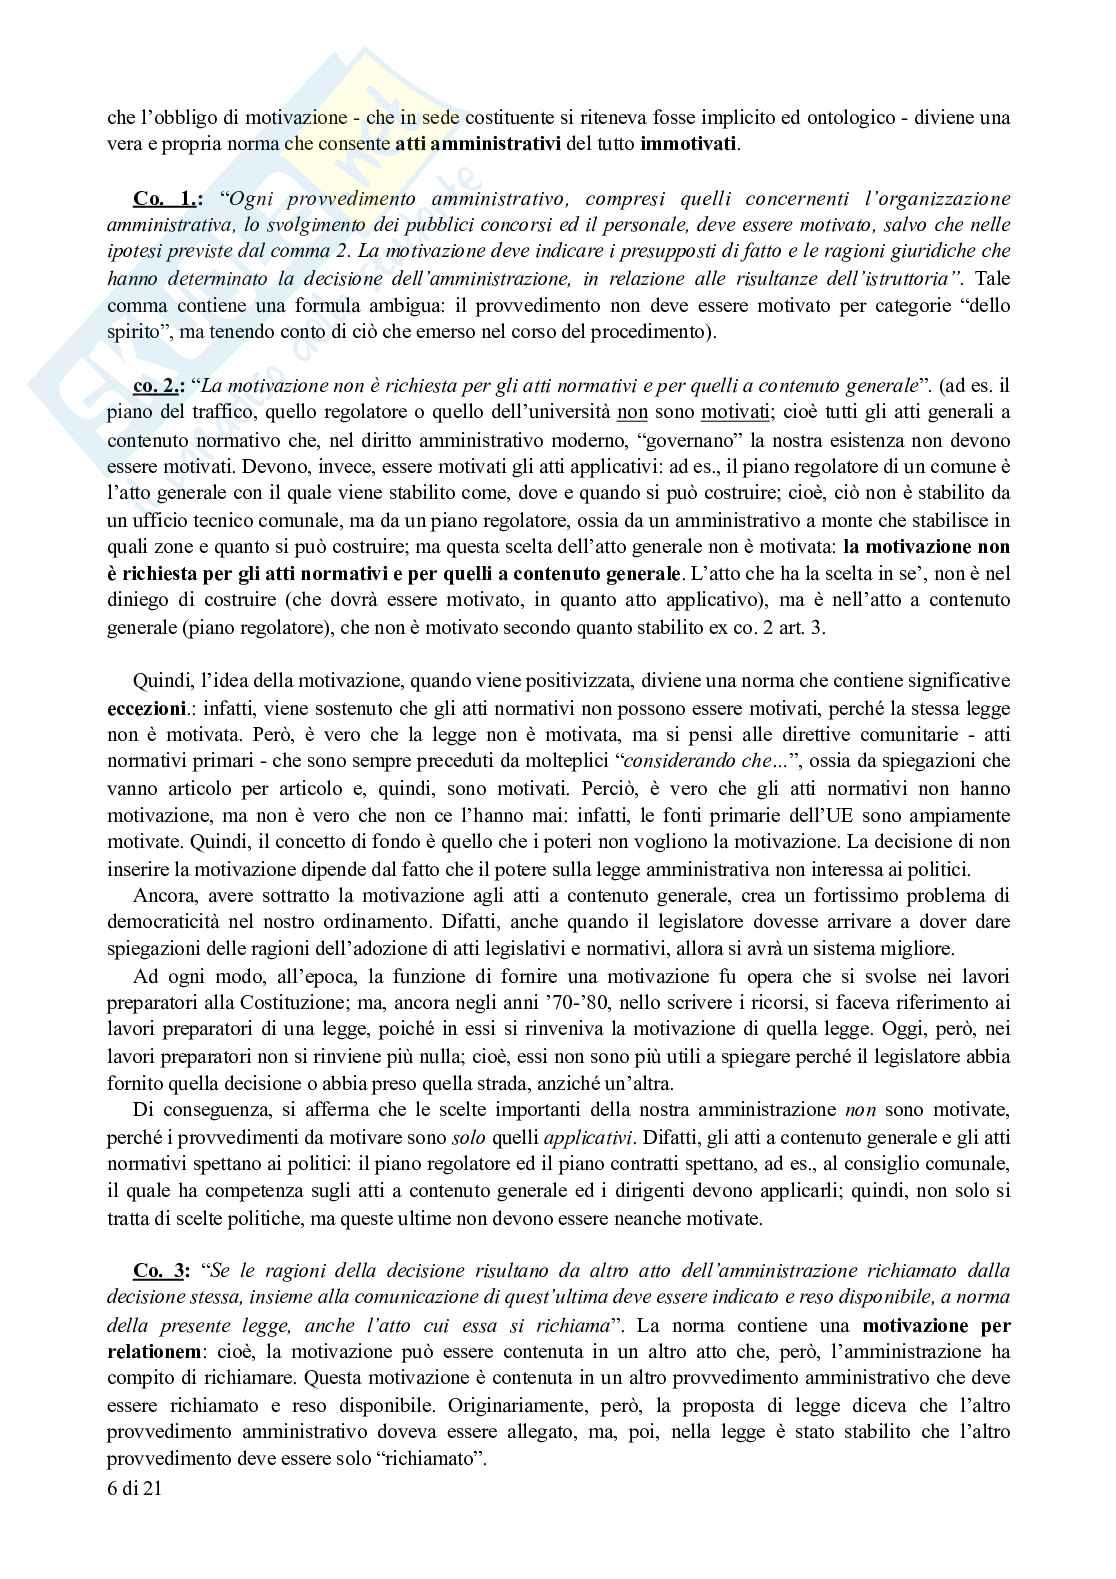 Appunti di Diritto Amministrativo: legge sul procedimento amministrativo (L. 241/1990) commentata Pag. 6